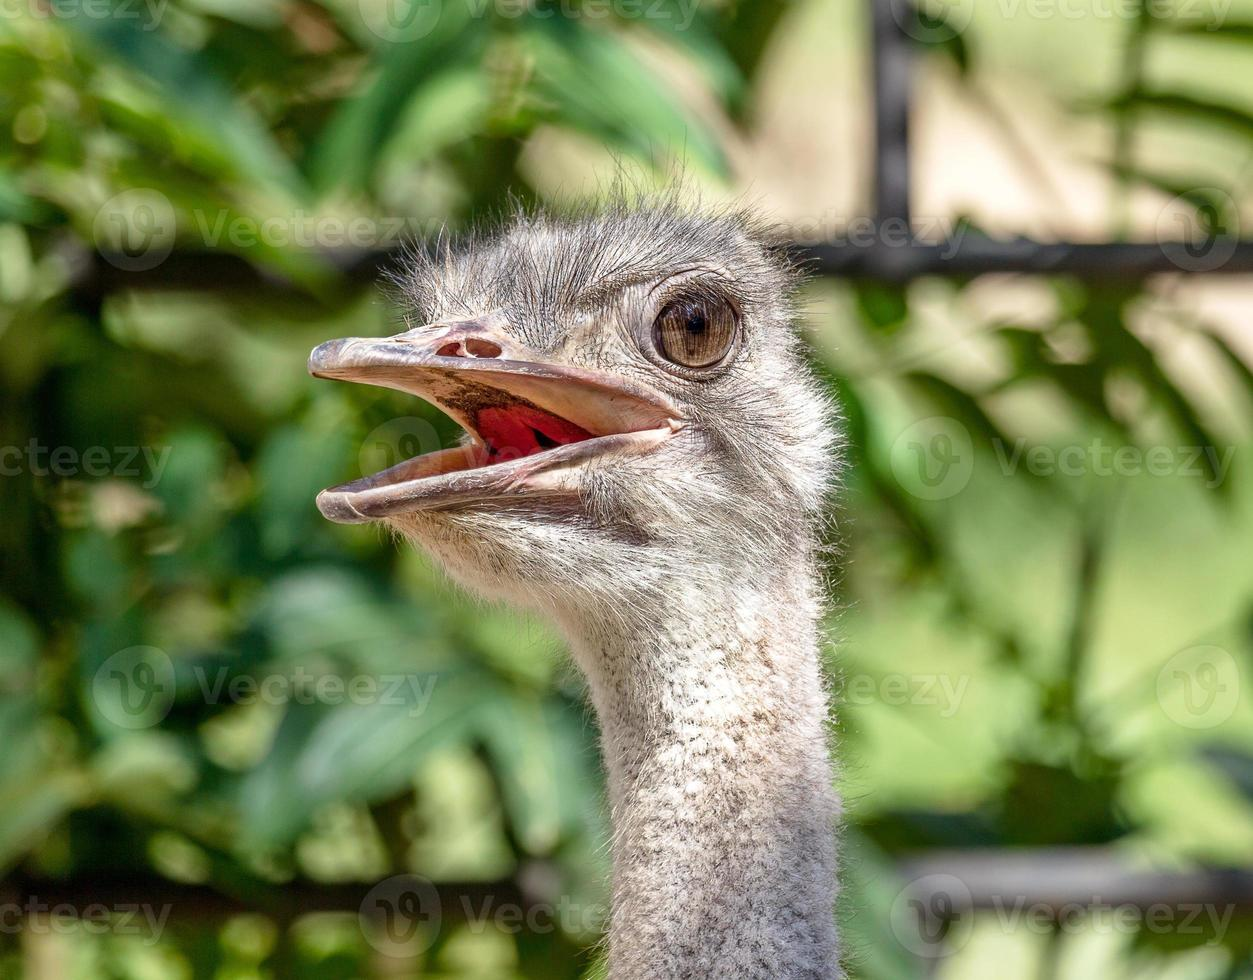 cabeça de avestruz close-up. foto